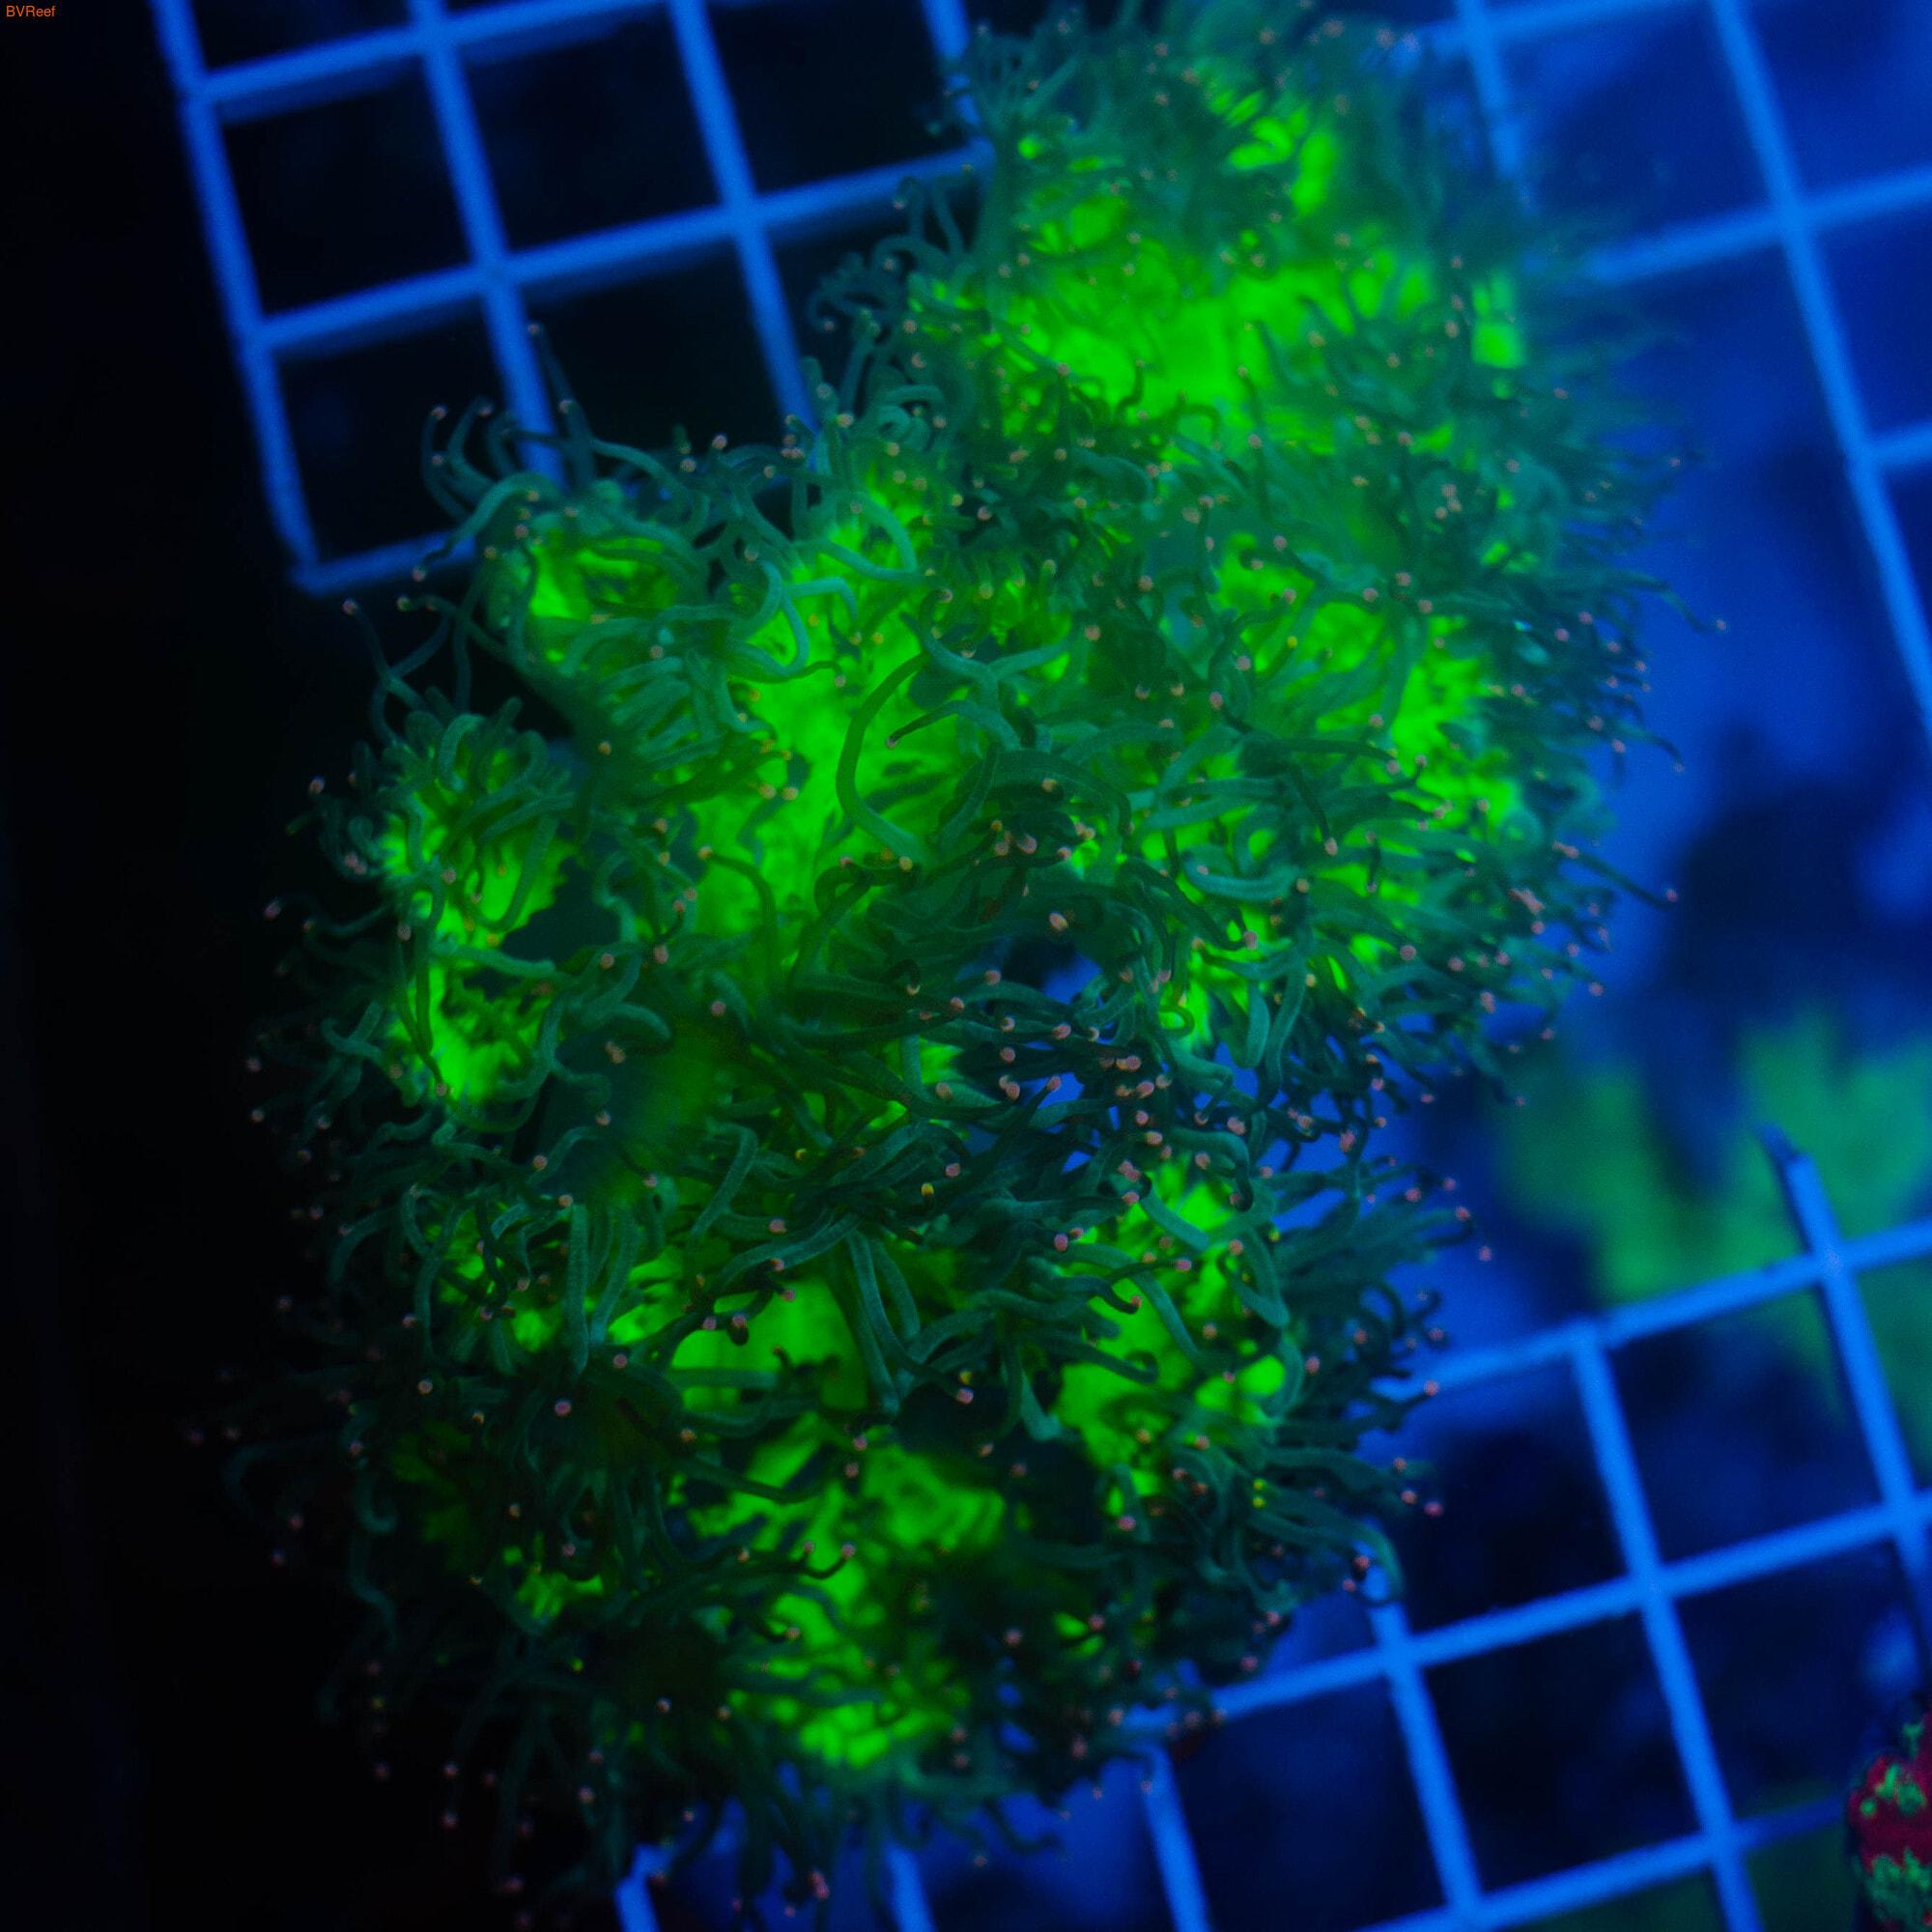 Каталафилия элегантная зеленая с синими кончиками Elegance coral - Green